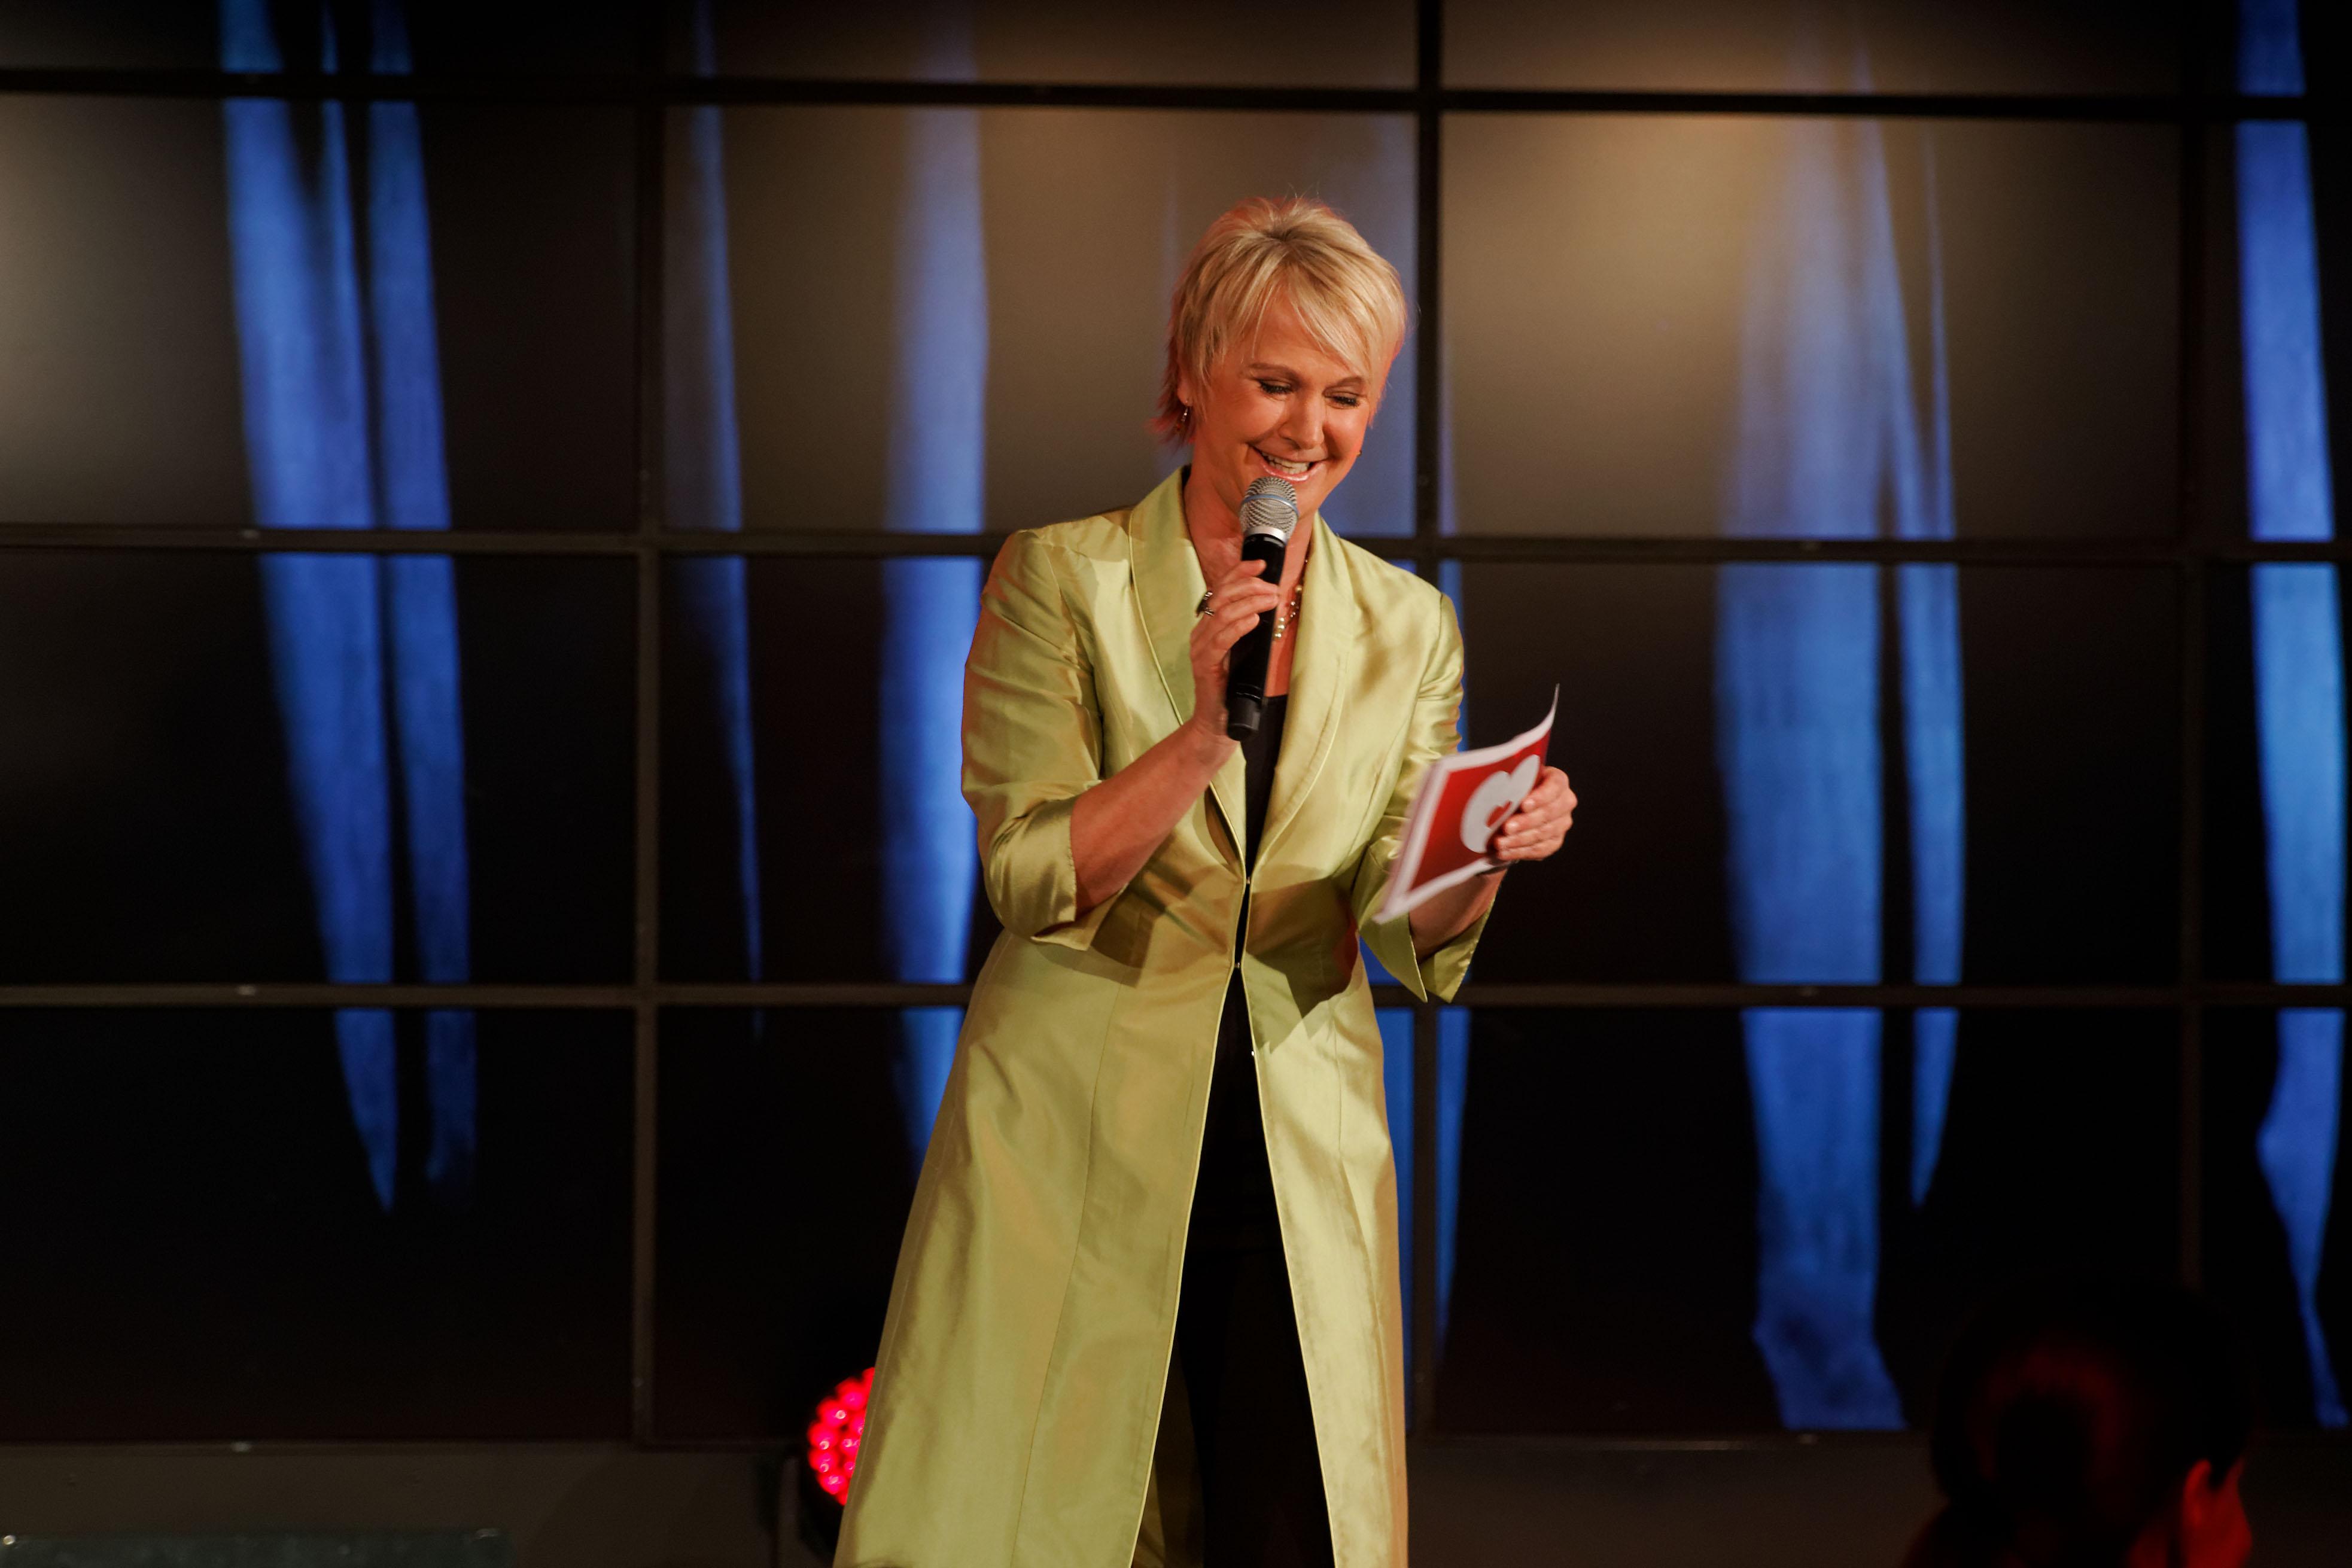 Andrea Mueller Moderation der Herzenssache-Helfergala im Eventcenter der Sparda-Bank, November 2015